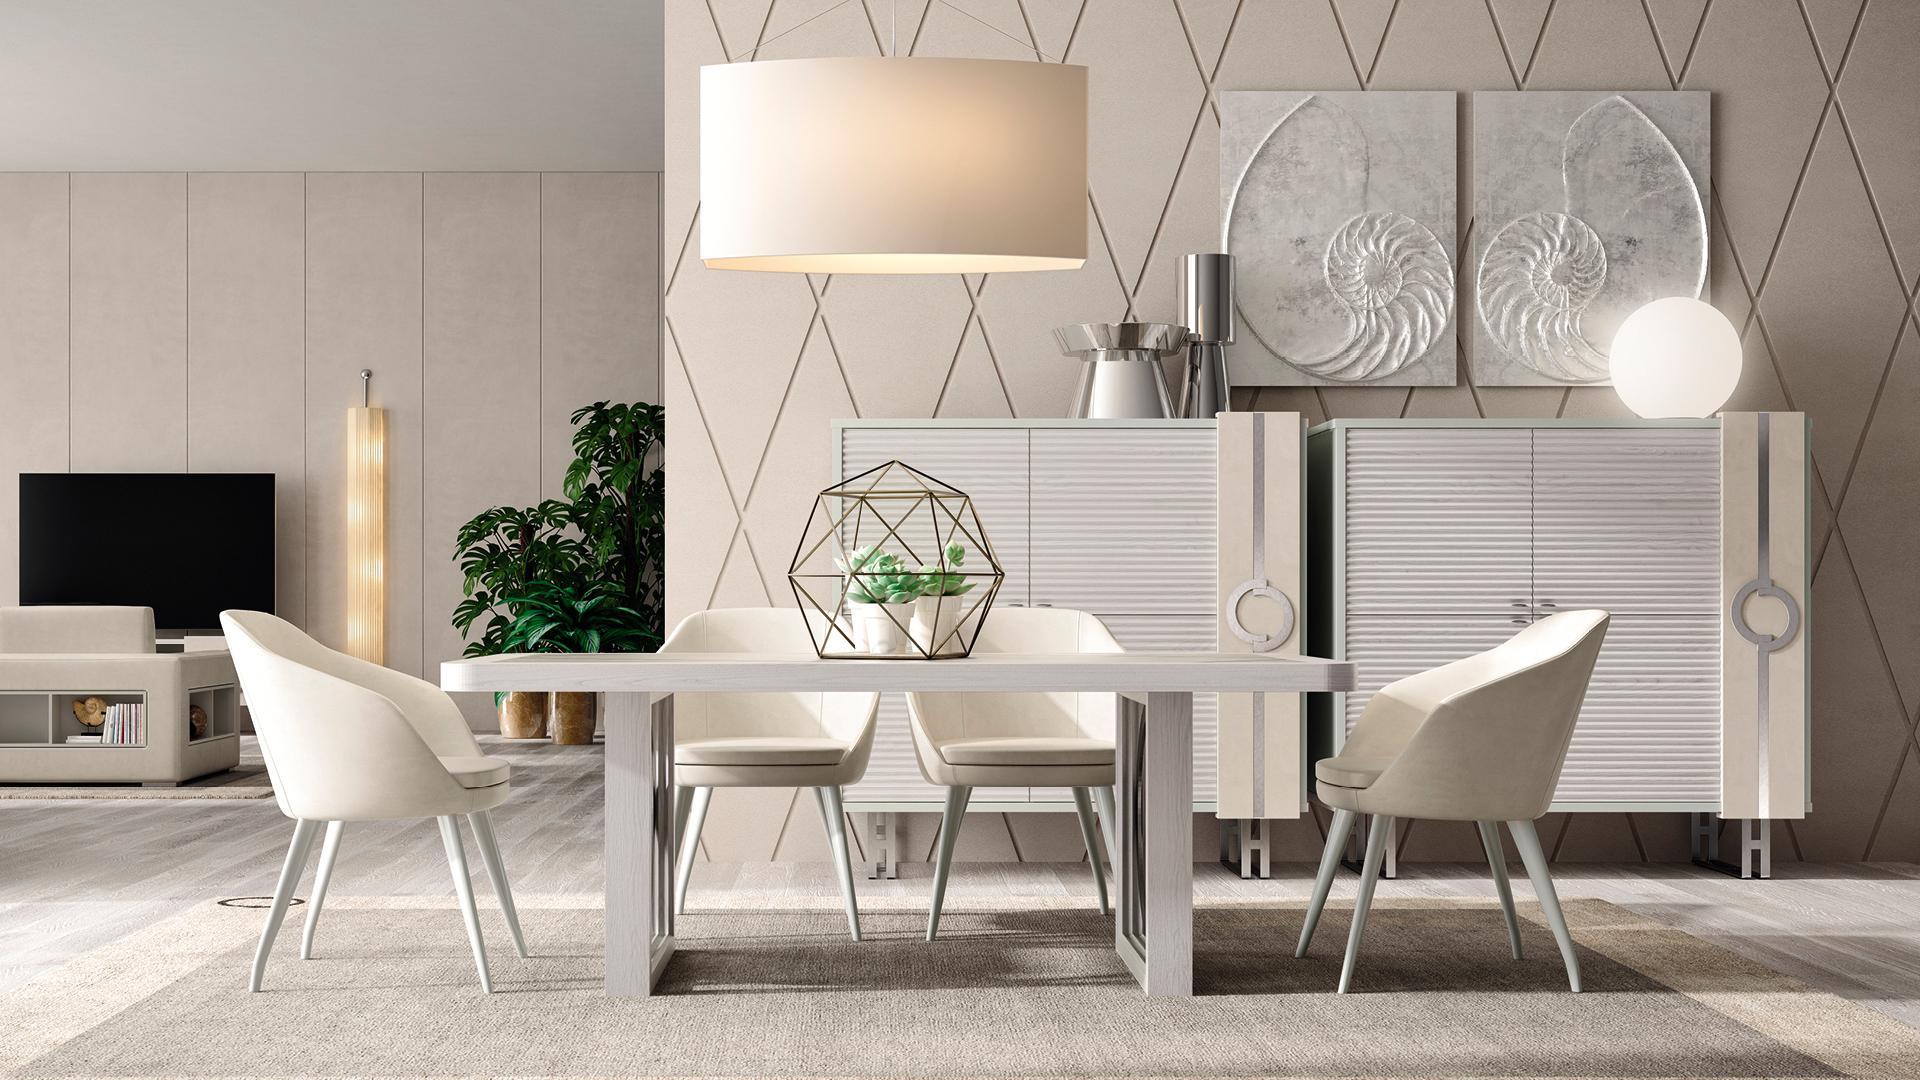 Illuminazione Soggiorno Pranzo : Illuminazione sala da pranzo illuminazione led casa settembre